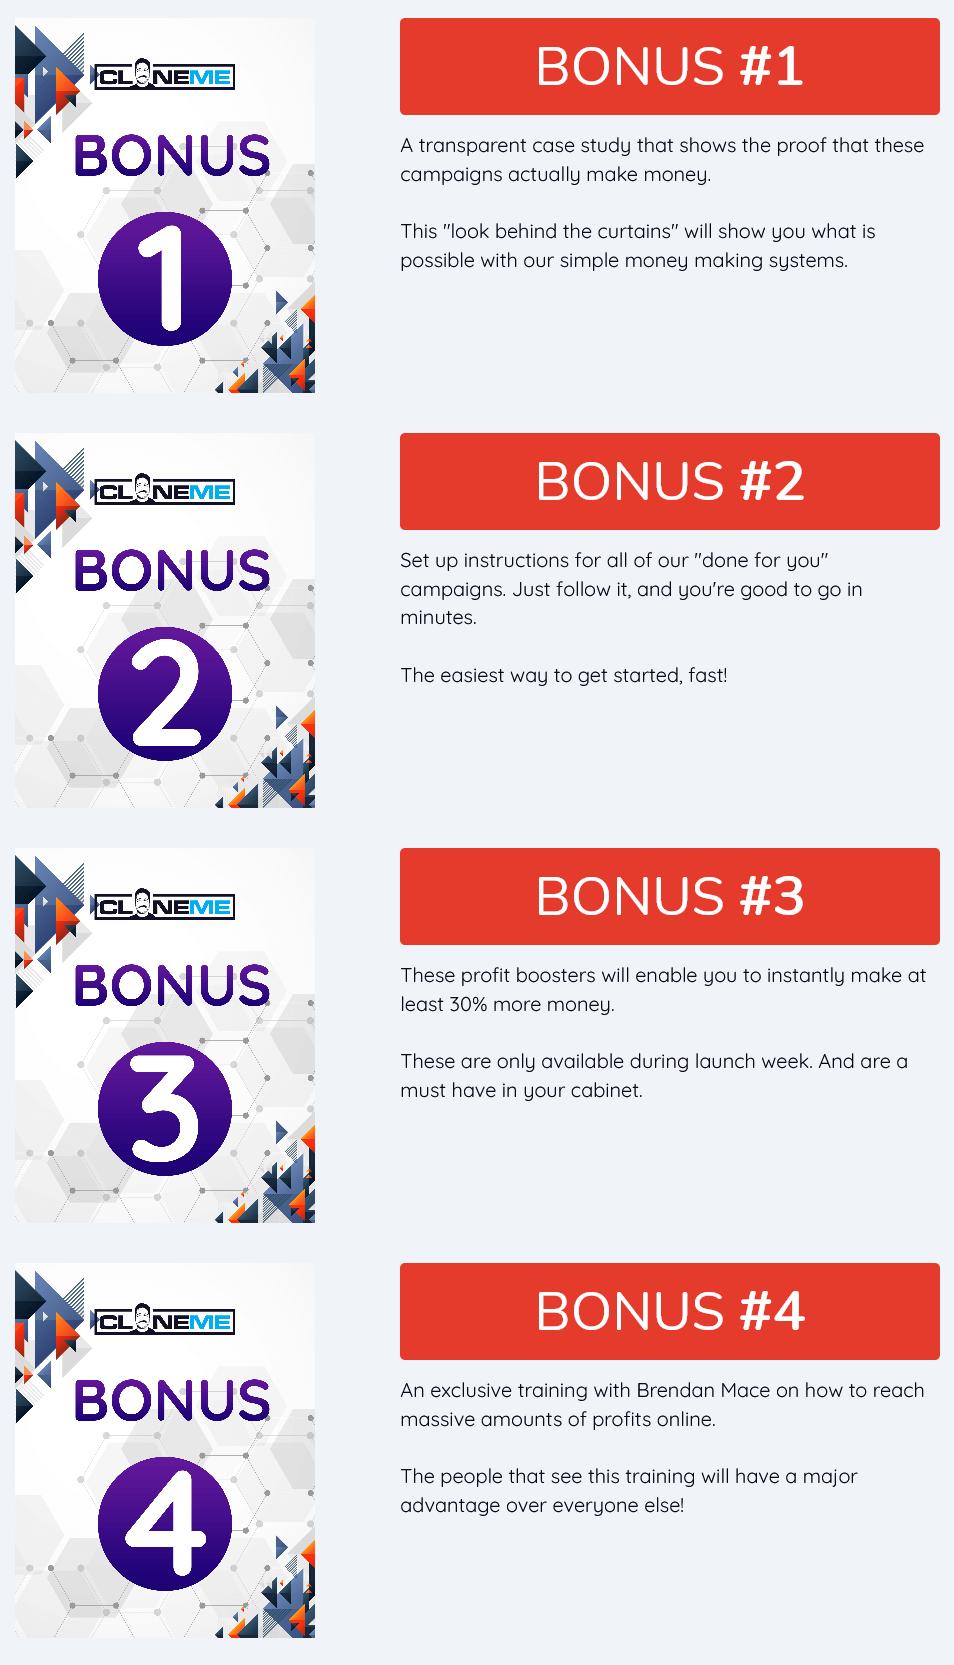 CloneMe-bonus